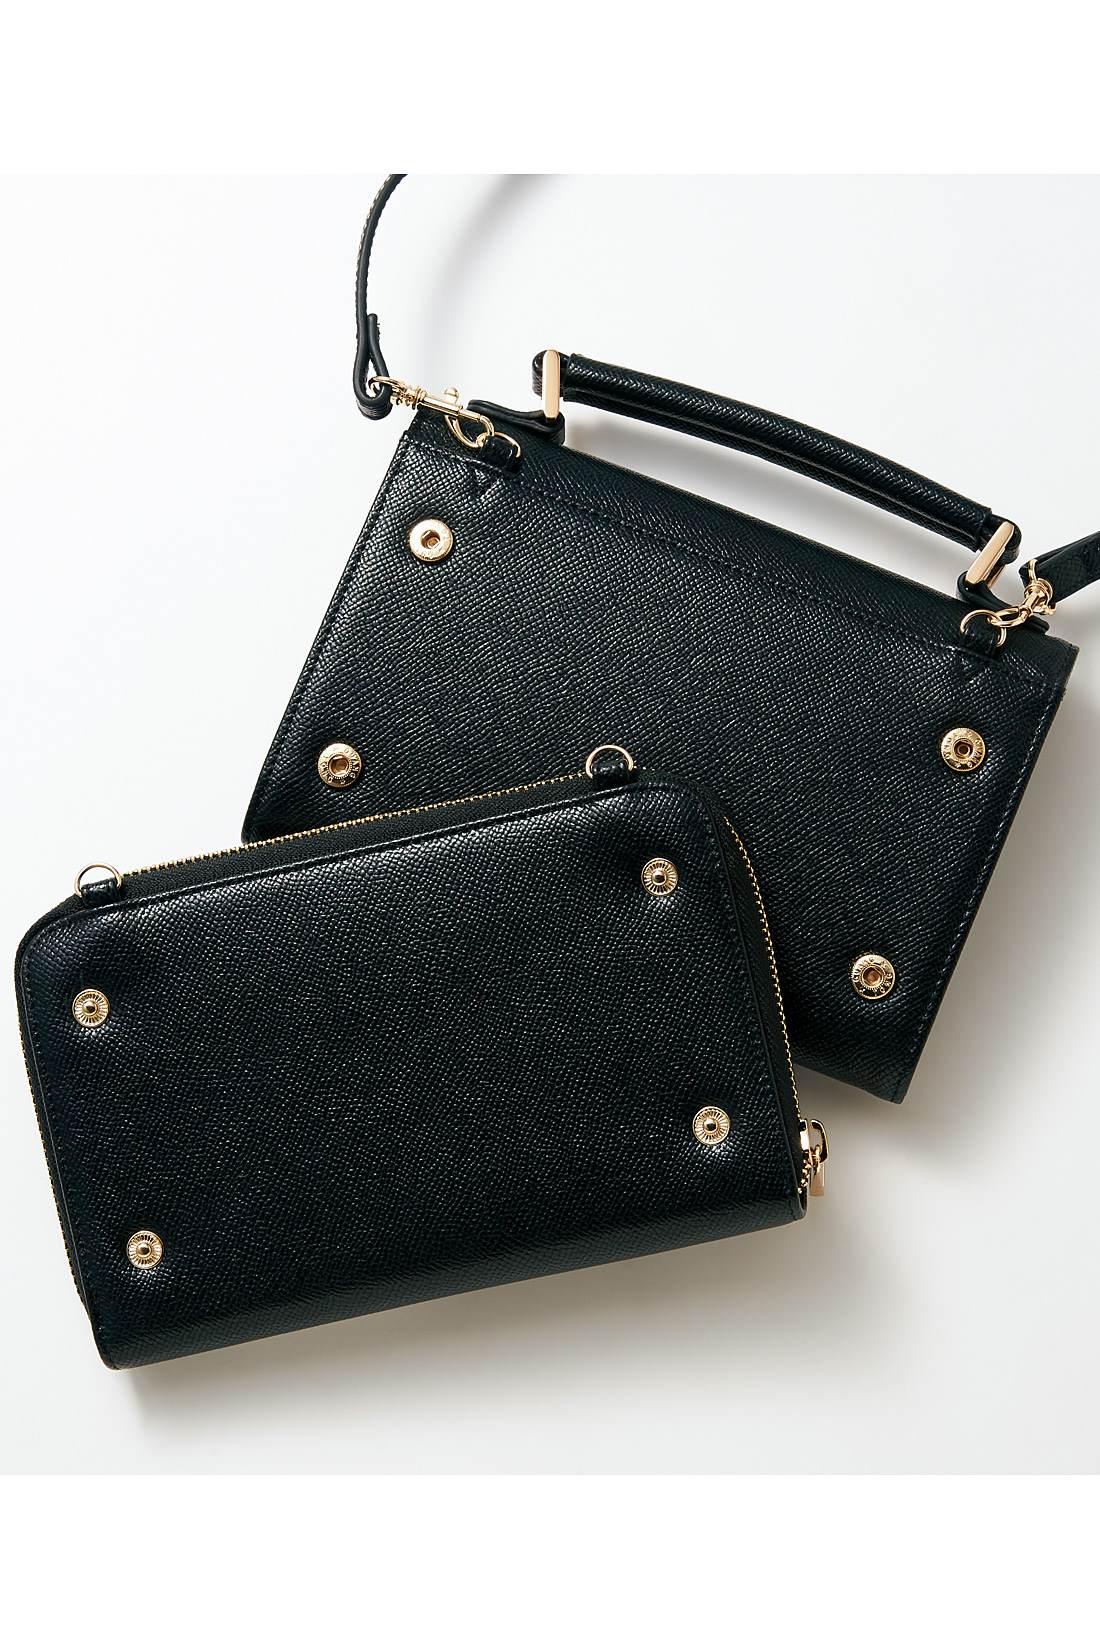 お財布とポシェットがスナップでドッキング。それぞれ単品でも使えます。